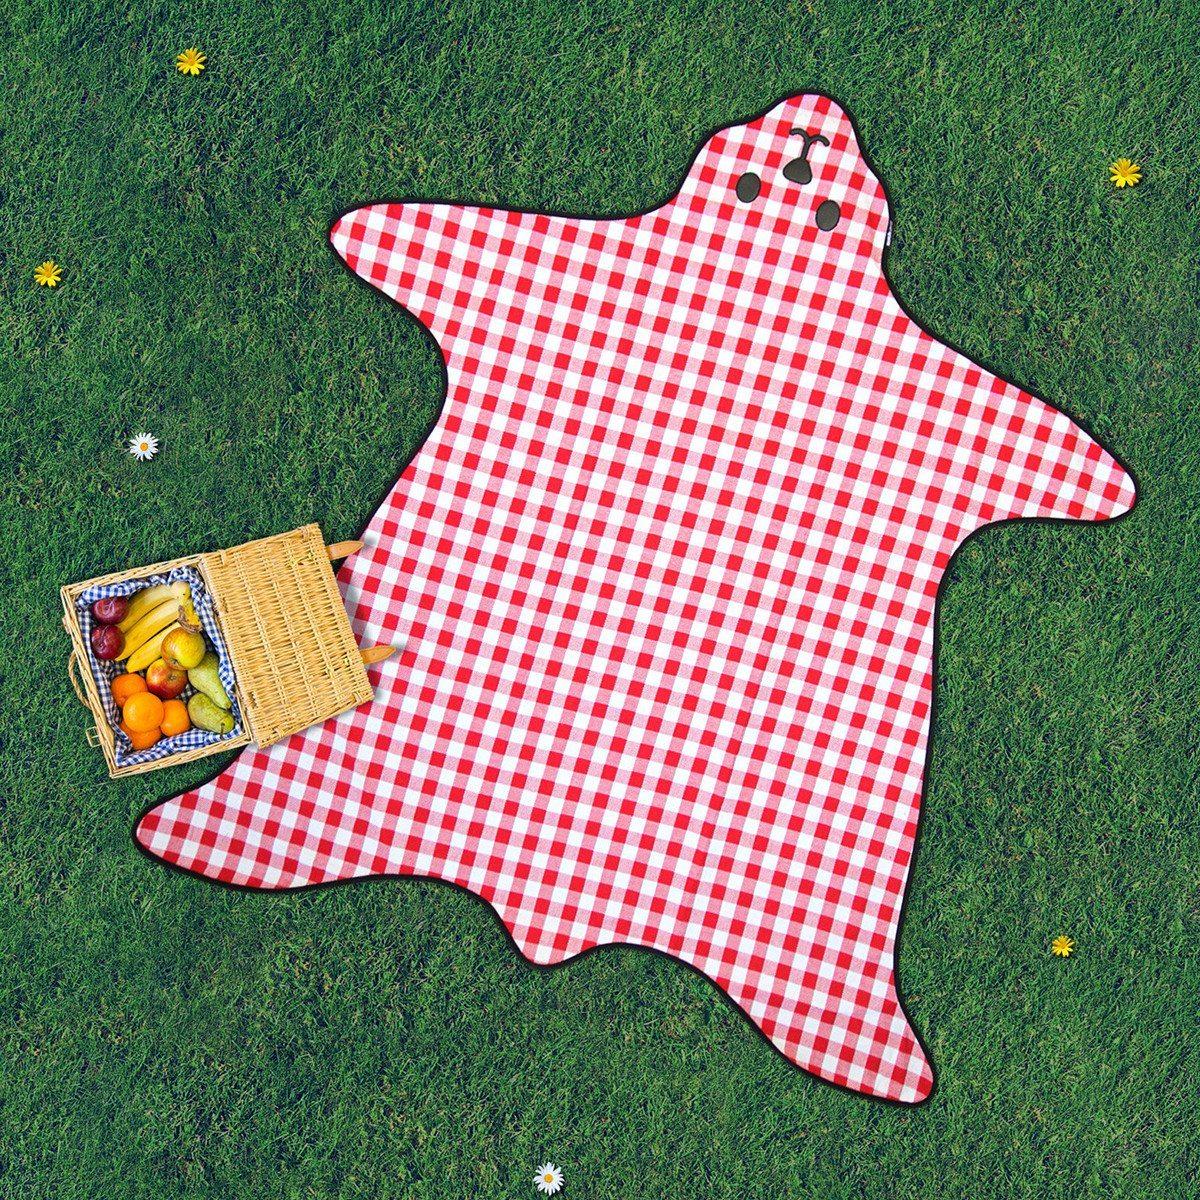 Picnictæppe formet som en bjørn